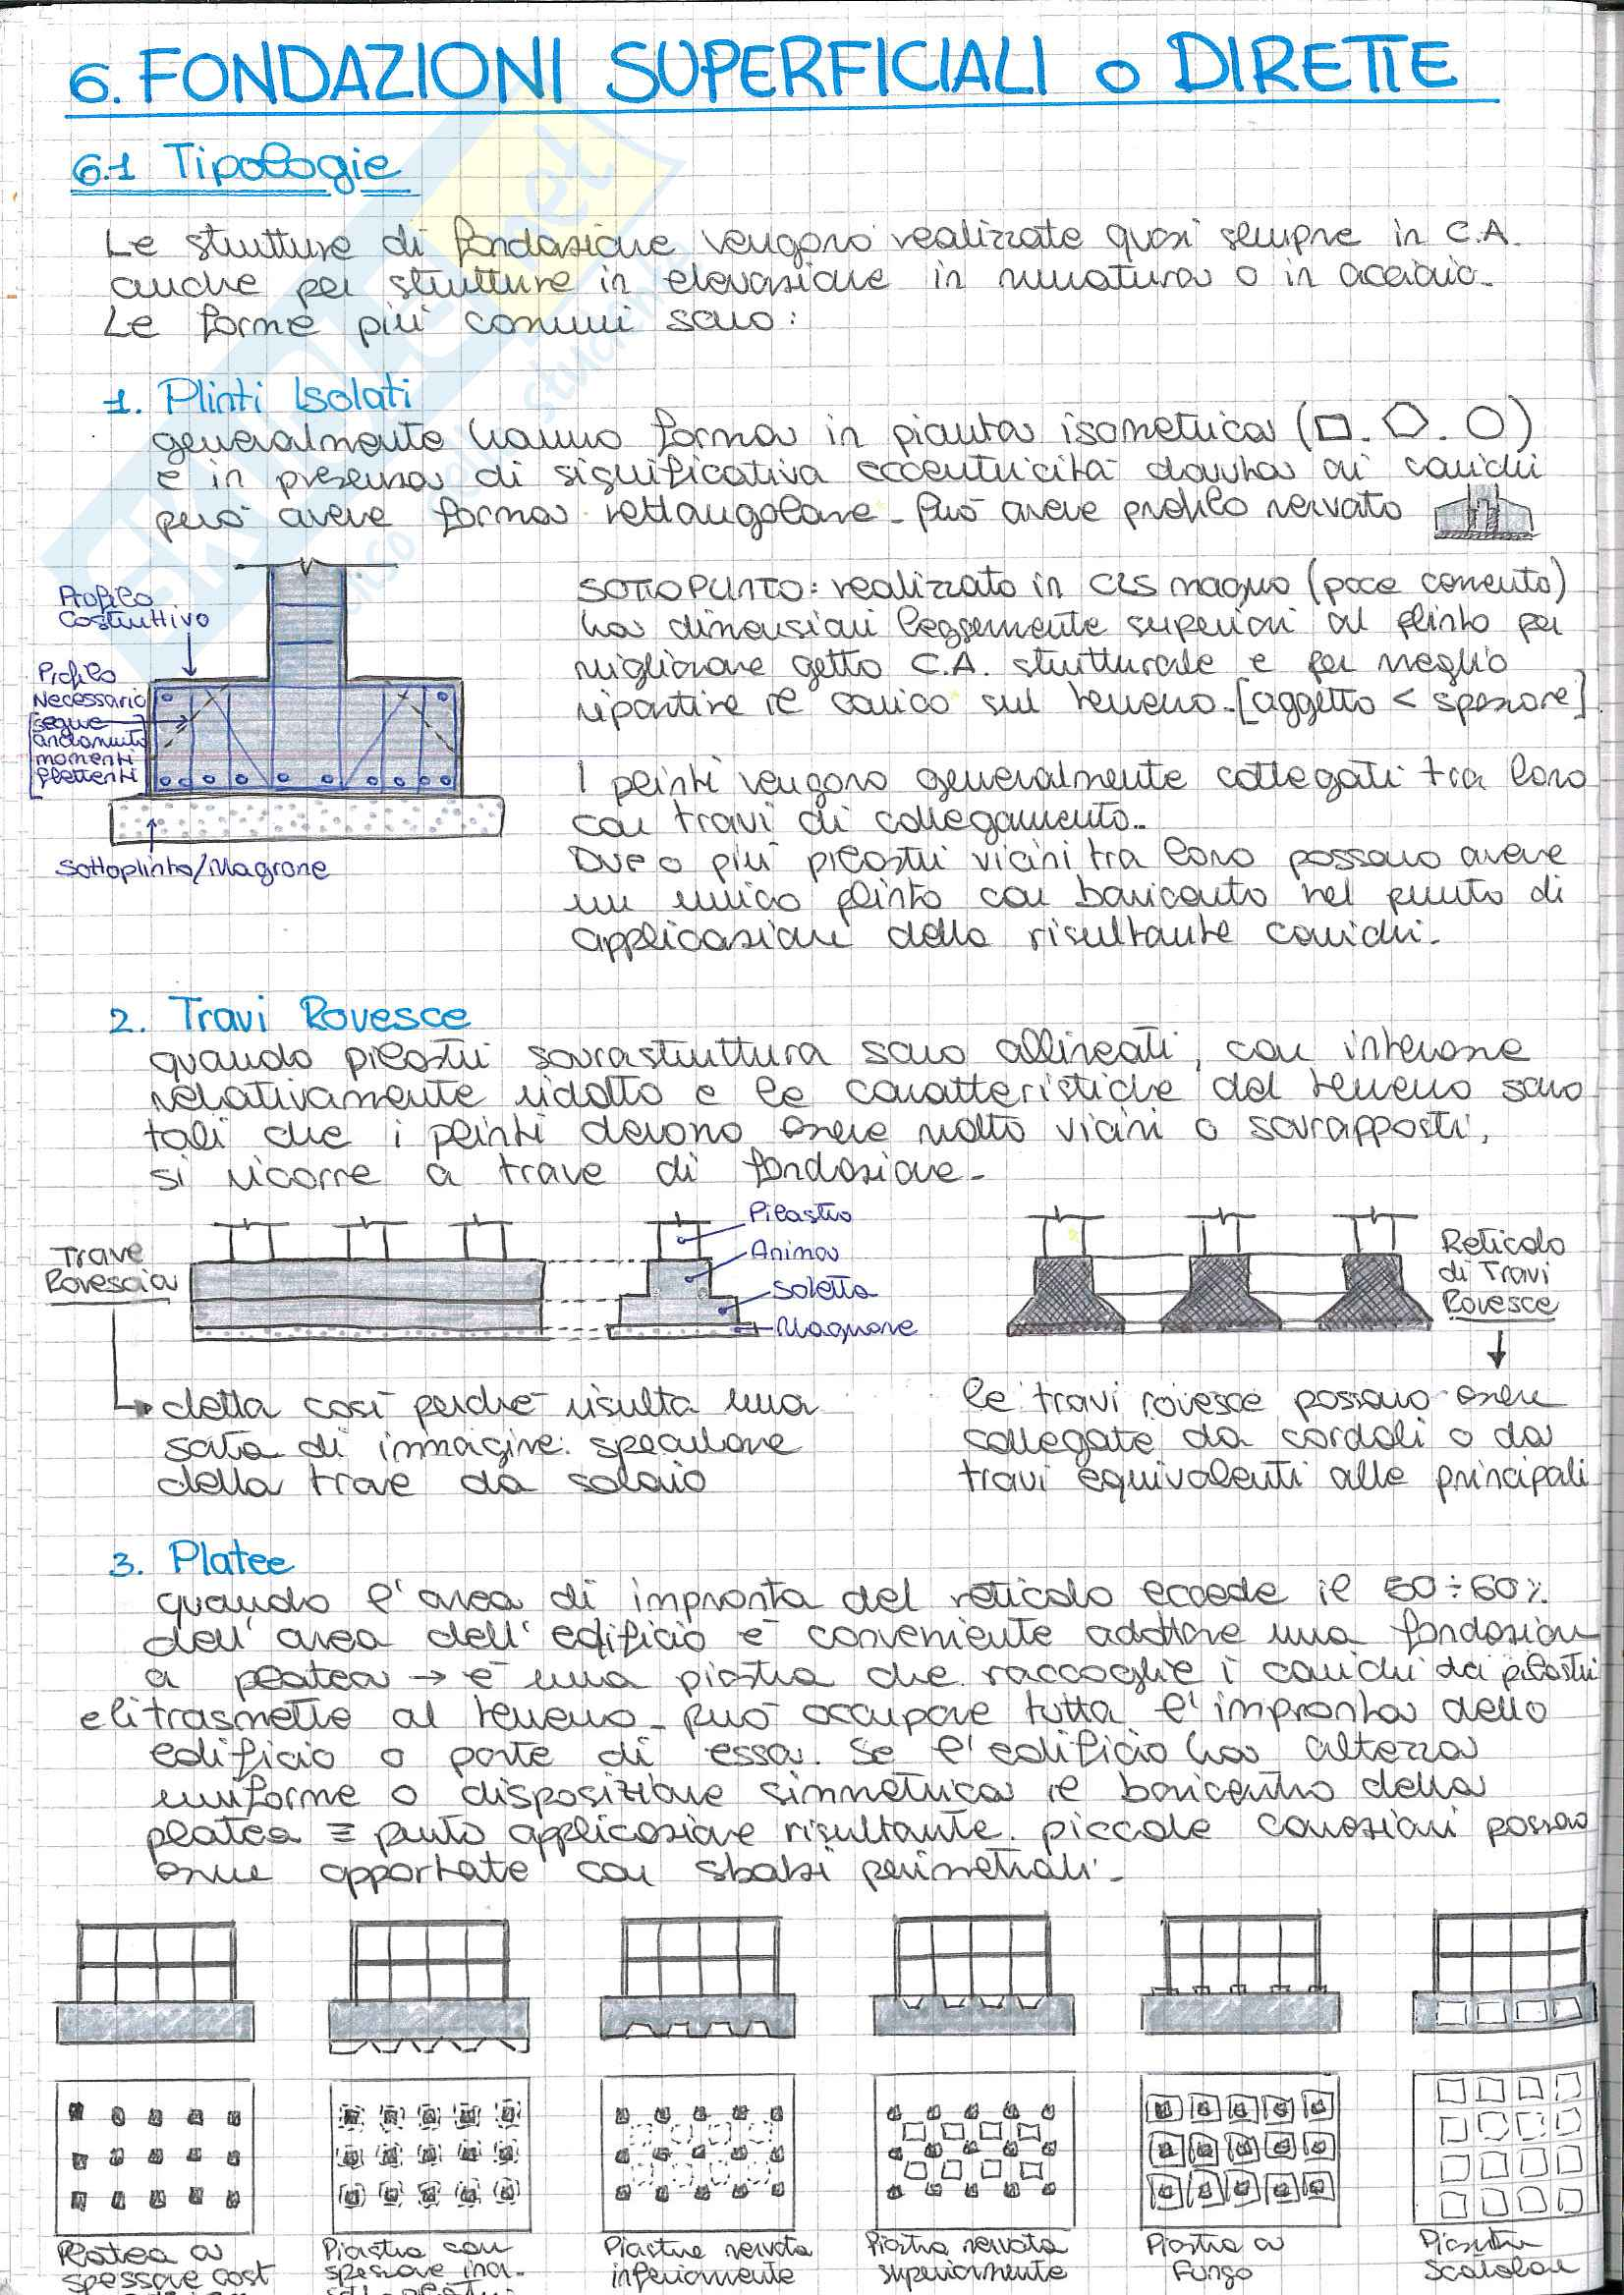 Riassunto esame Fondamenti di Geotecnica, prof. Desideri, libro consigliato Fondazioni, C. Viggiani: fondazioni superficiali o dirette